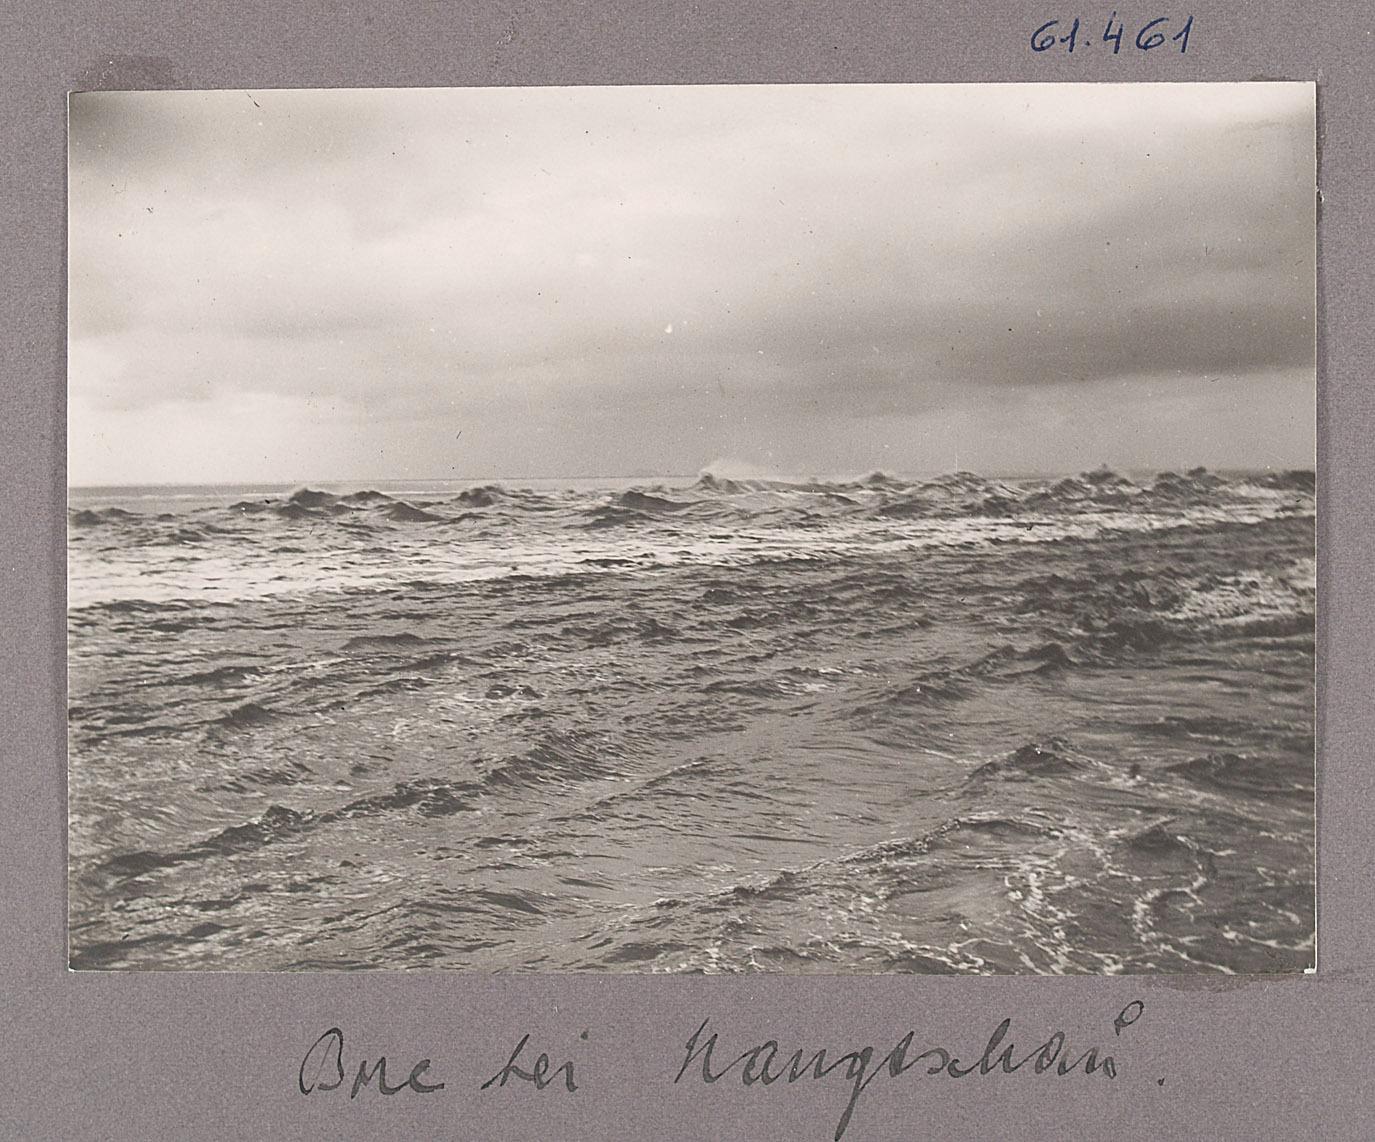 Hangtschau. Bare bei Hangtschau von Otto Uhlir